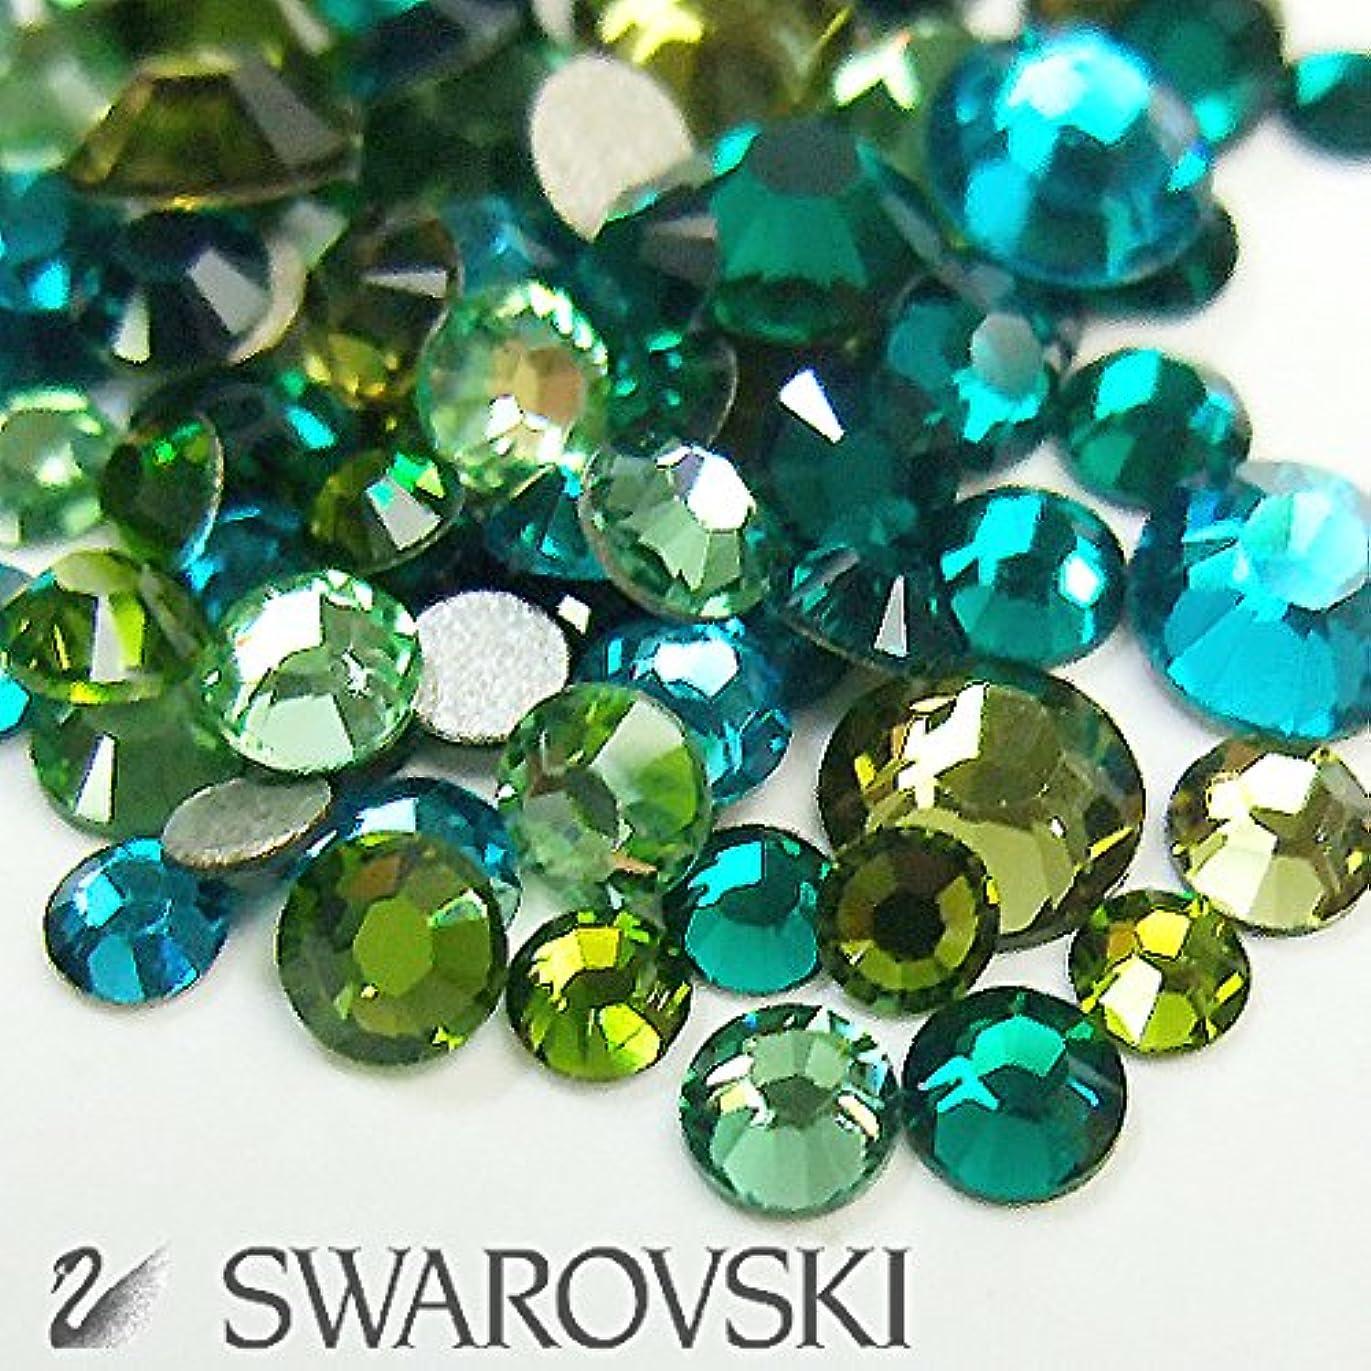 マスクチャンバーグラススワロフスキー(Swarovski) クリスタライズ ラインストーン お試しMIX (100粒) グリーン